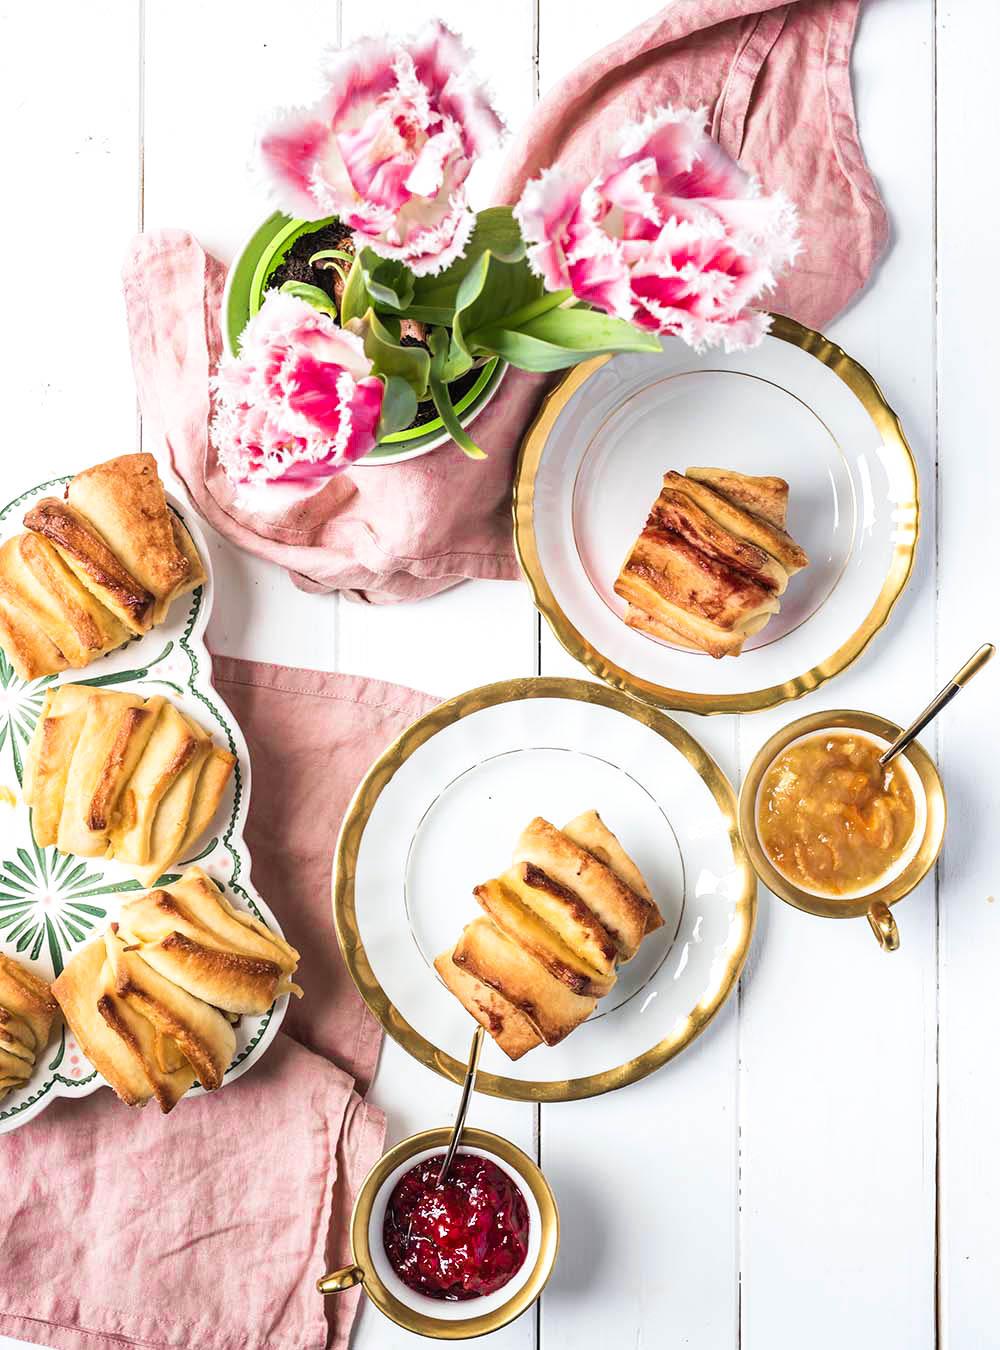 Schnelle und fluffige Zupf-Muffins im Fächer-Look mit Fruchtfüllung